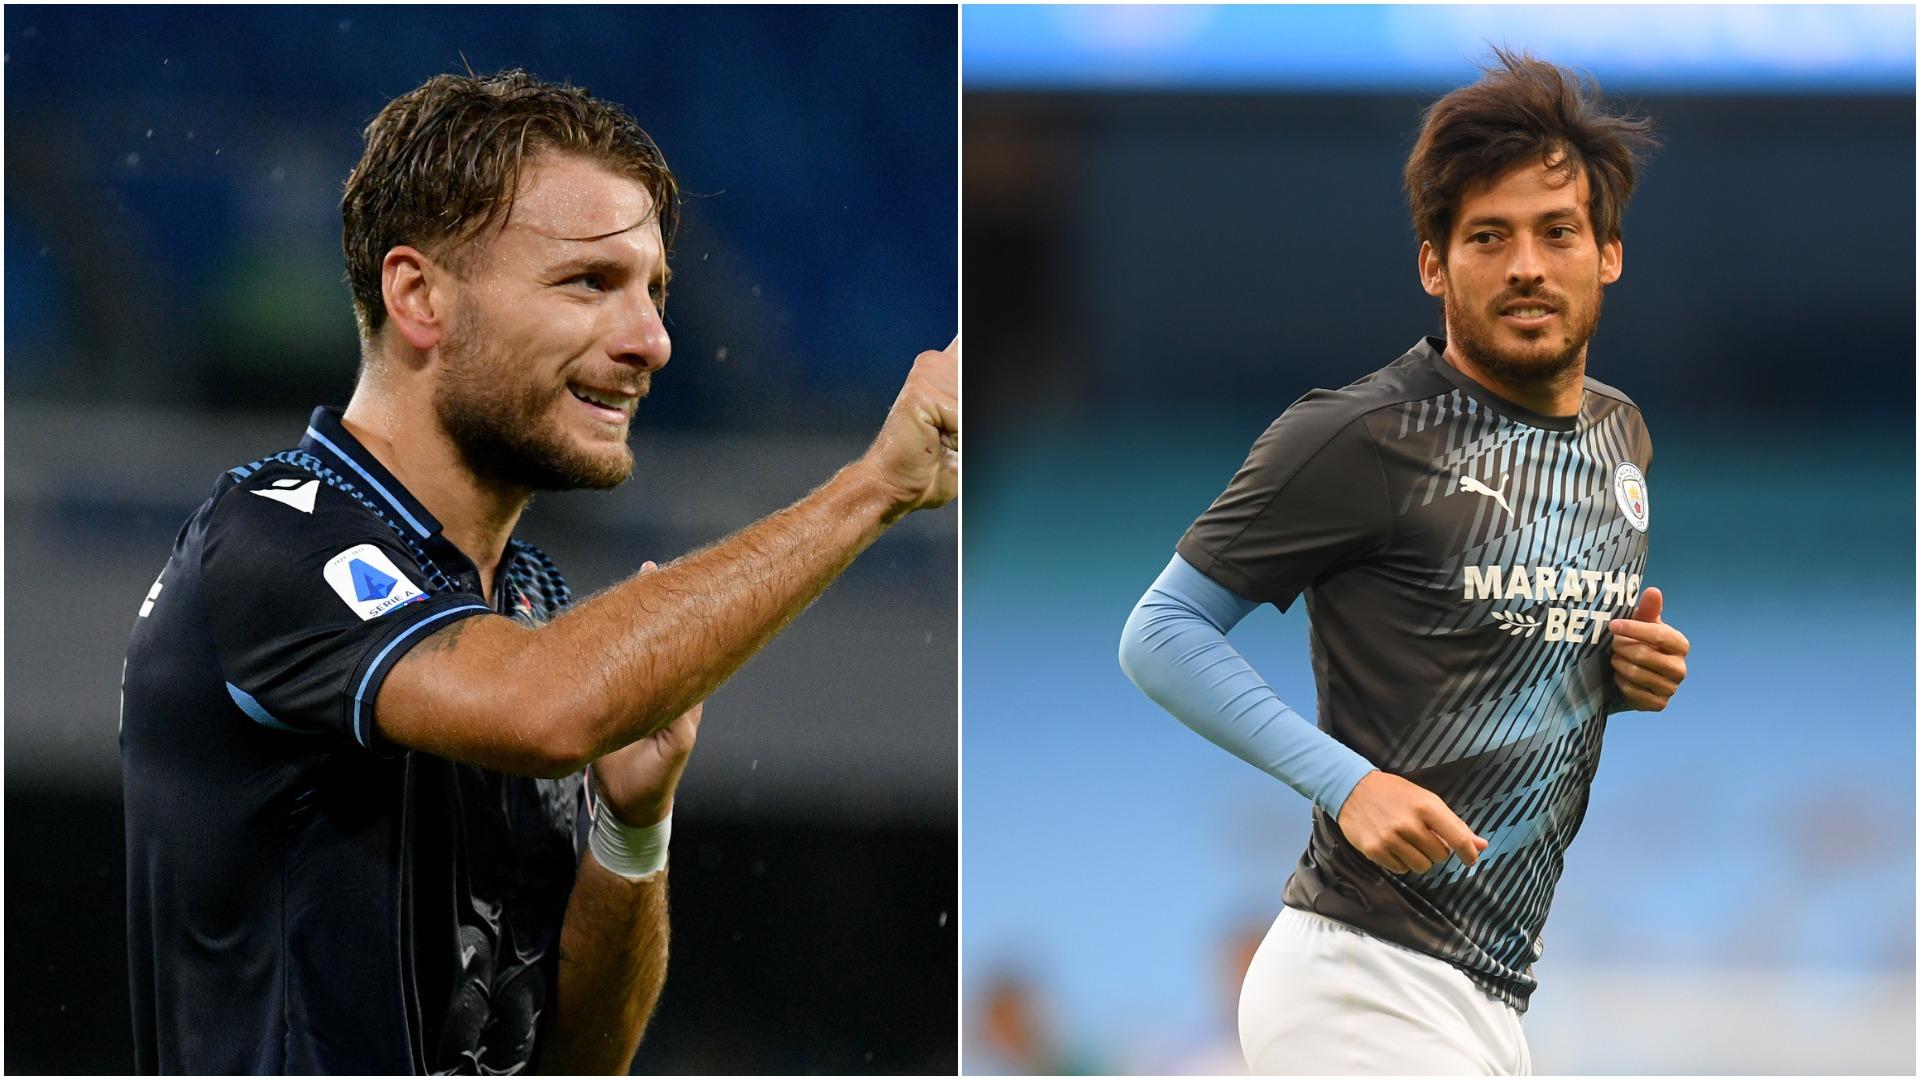 Immobile excited by David Silva's Lazio move, claims Newcastle interest